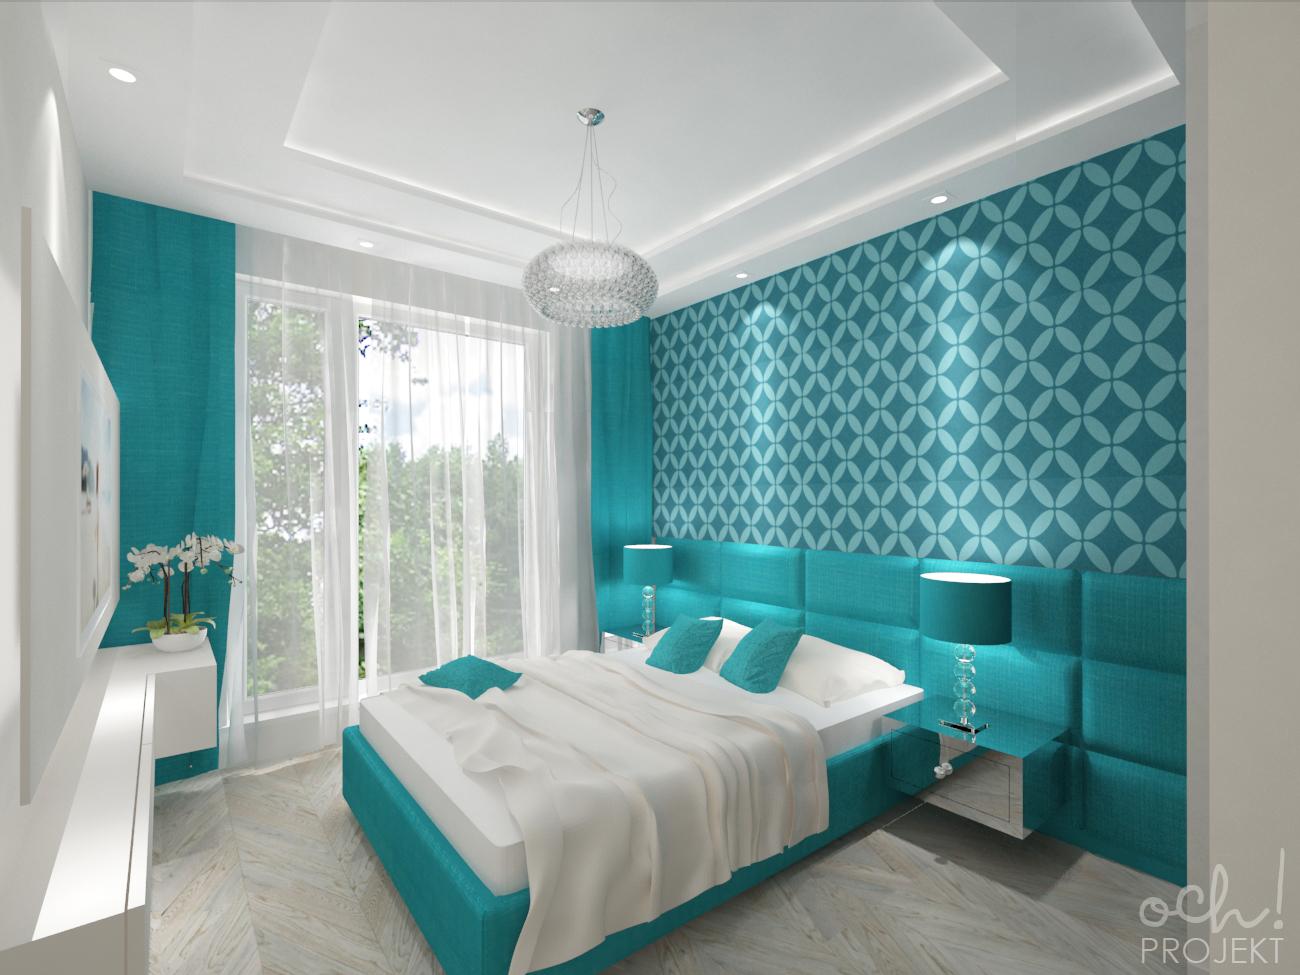 Ochprojekt Projekt Turkusowej Sypialni I Lazienki